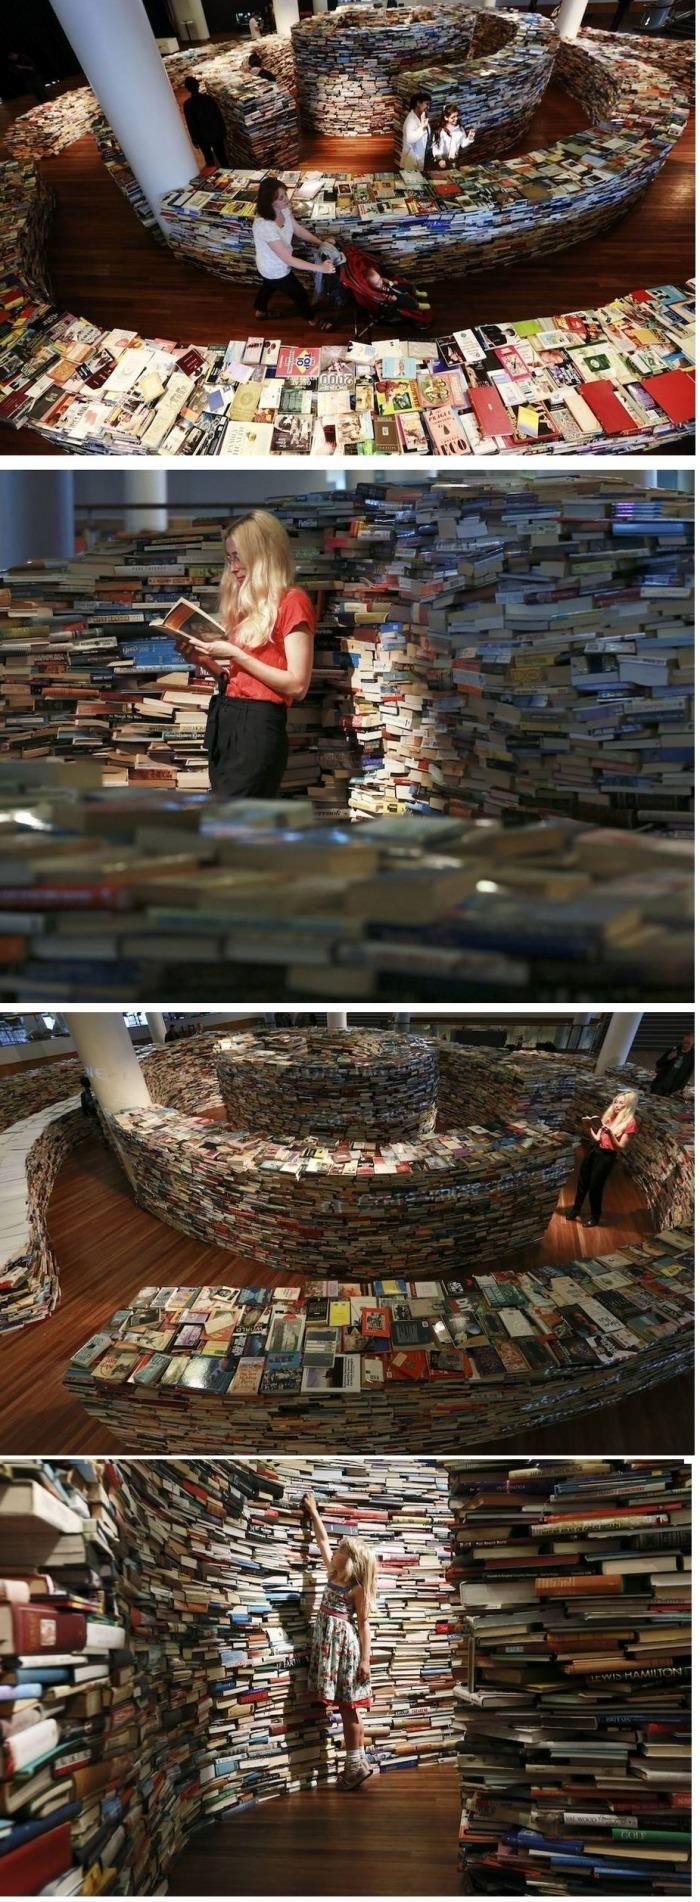 Maze made of books